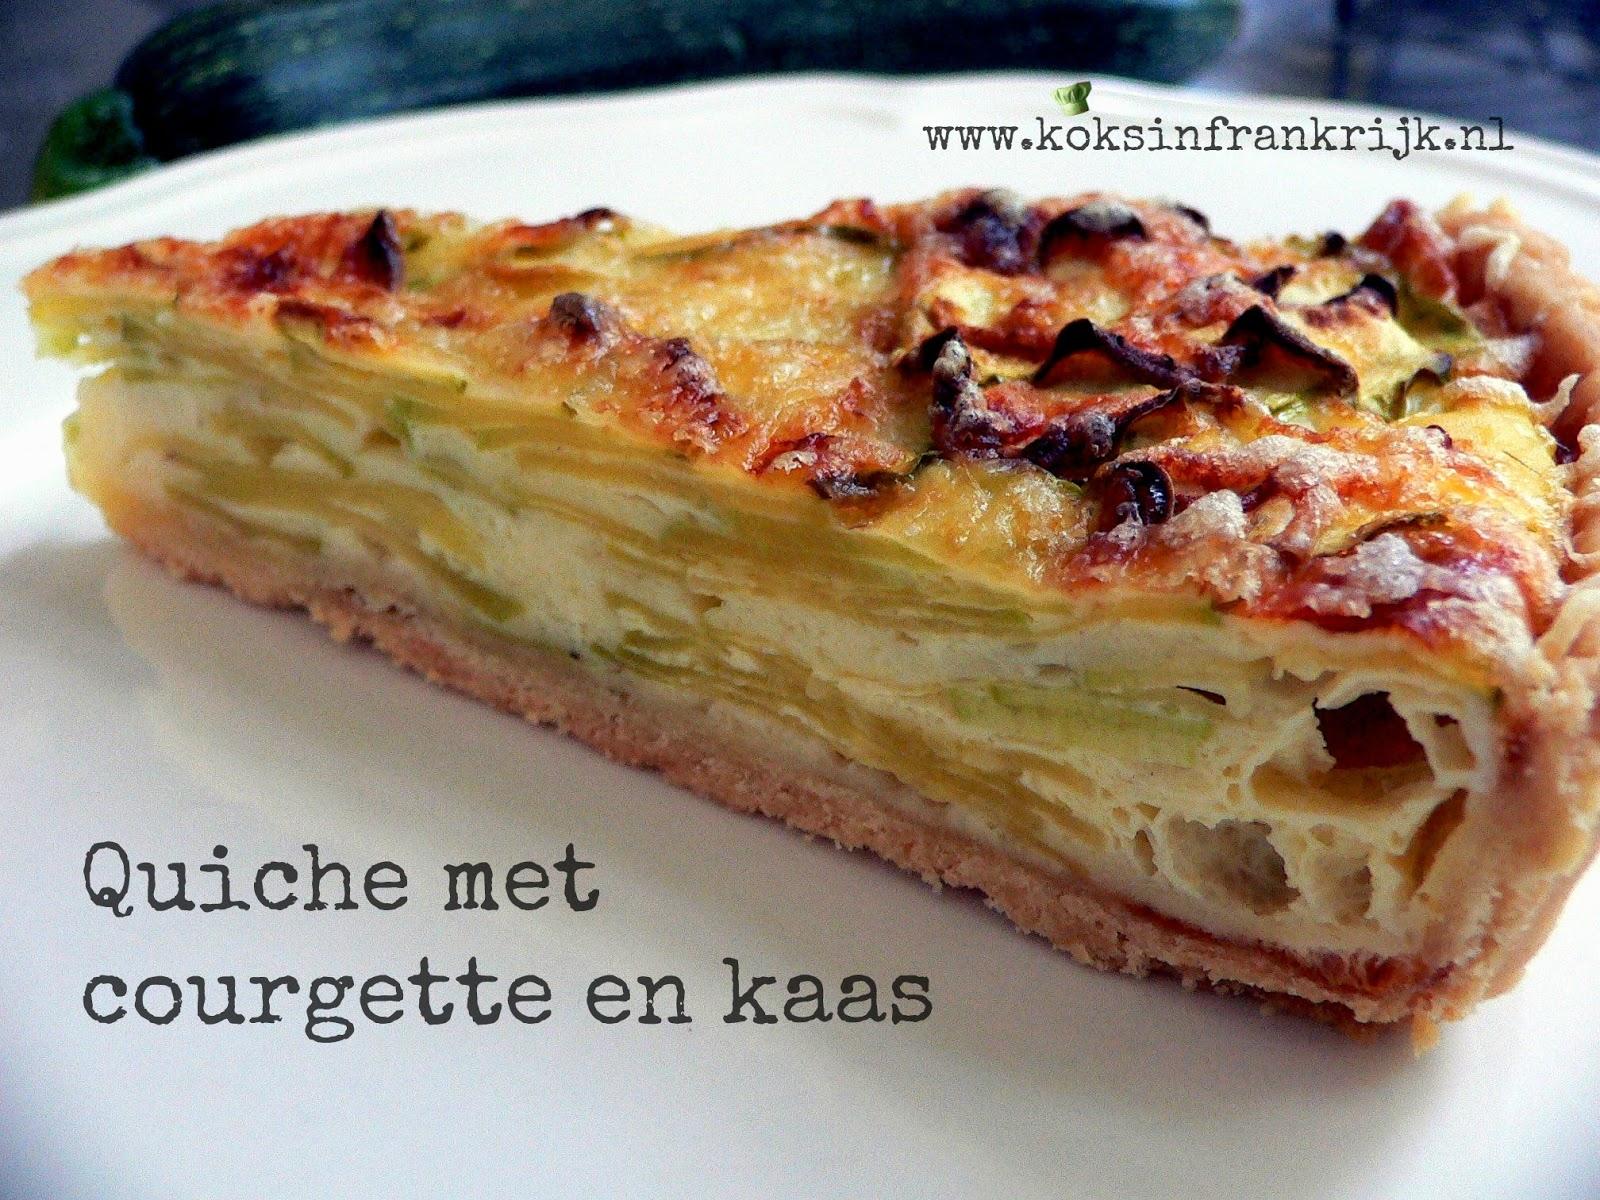 Recept voor quiche met courgette